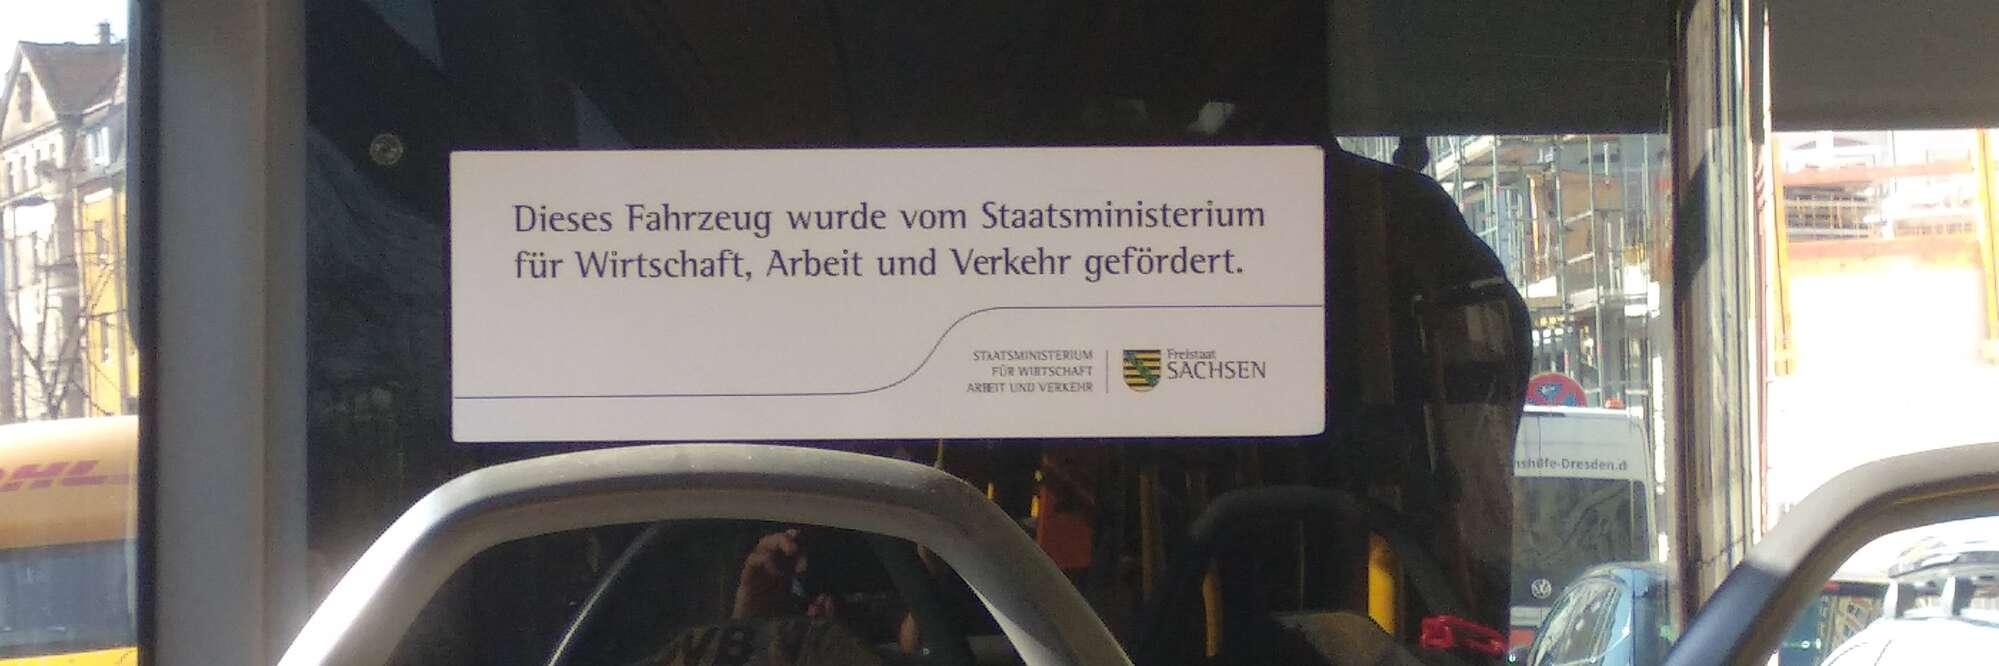 Bus finanziert vom Staat